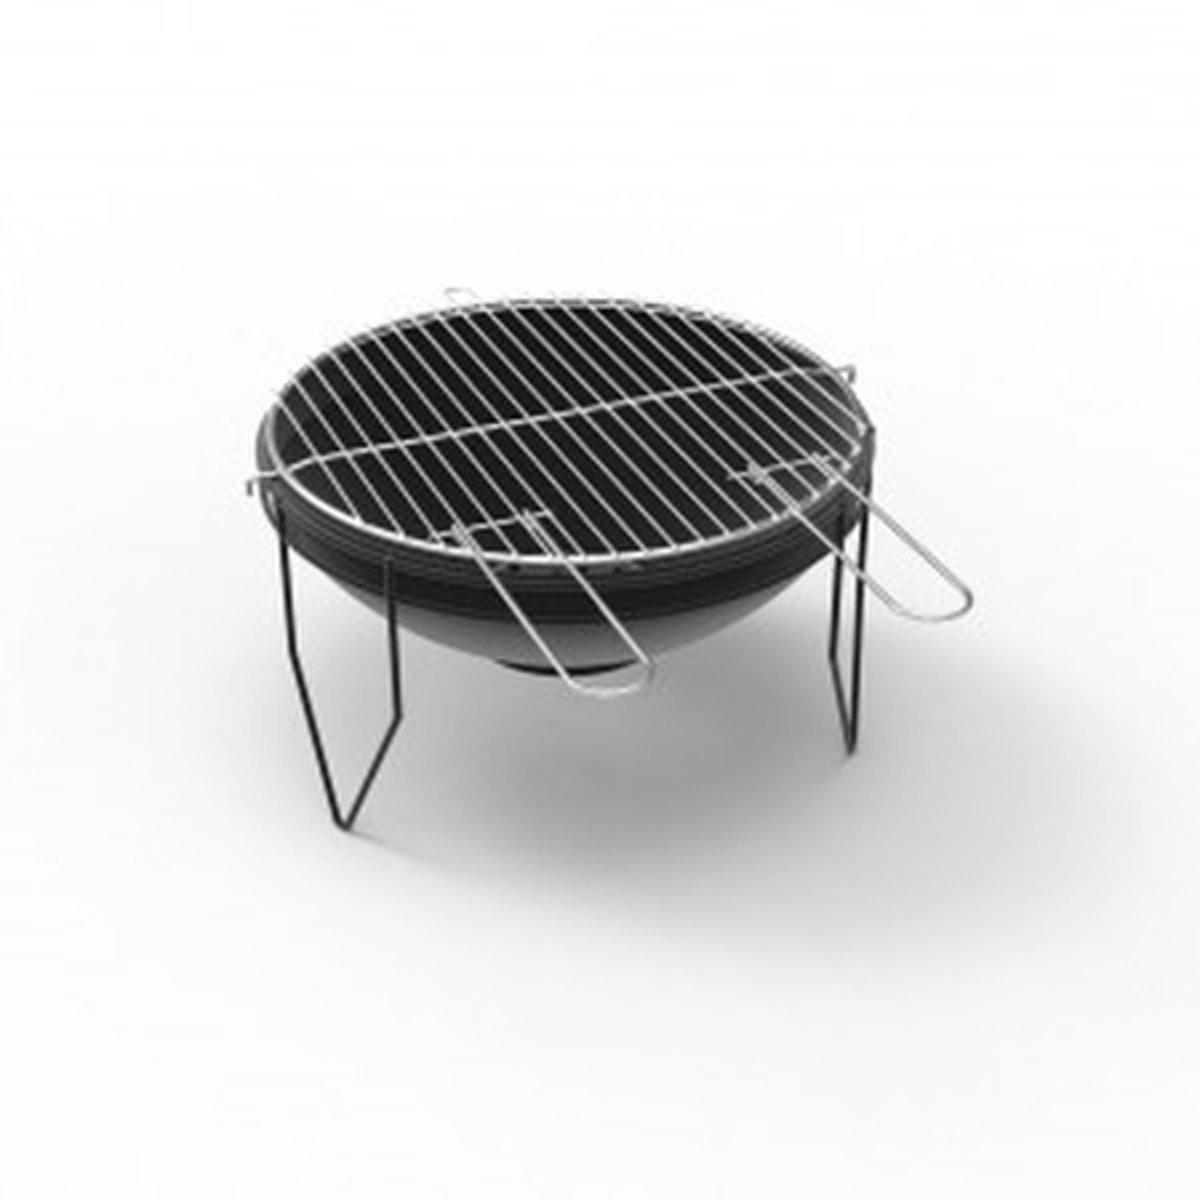 Barbecue Ferraboli Big Smile zwart kopen